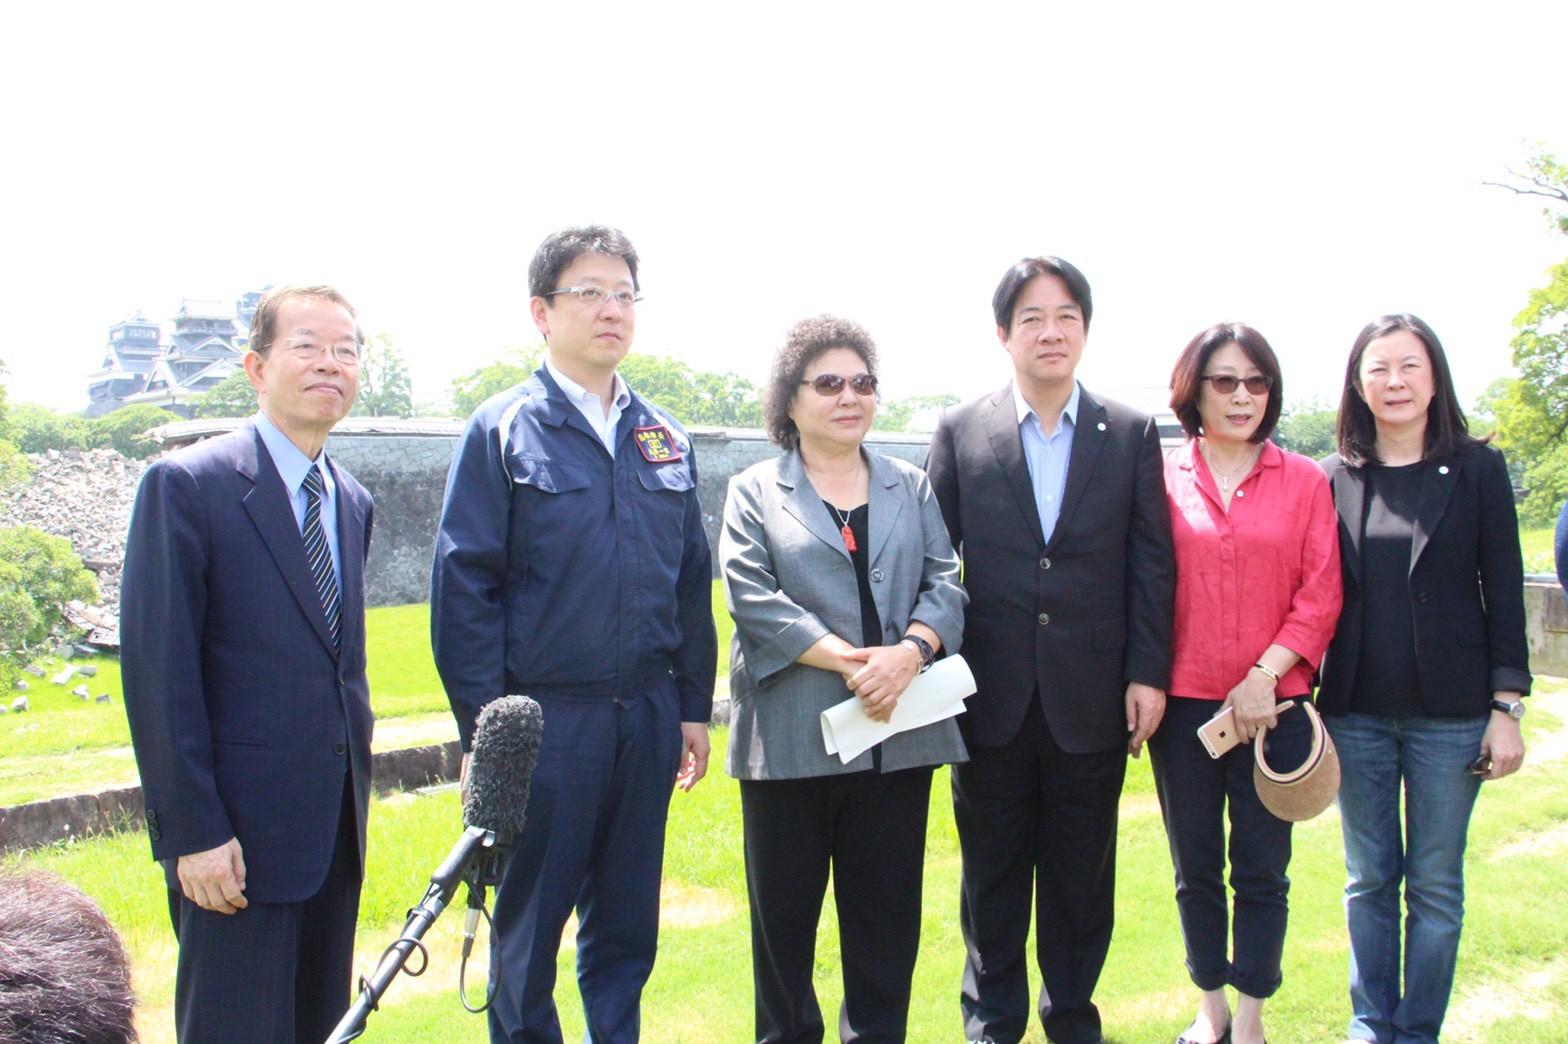 大西 市長 熊本 「ヒトがヒトを攻撃するのやめませんか」 新型コロナで各地の市長が呼びかけ: